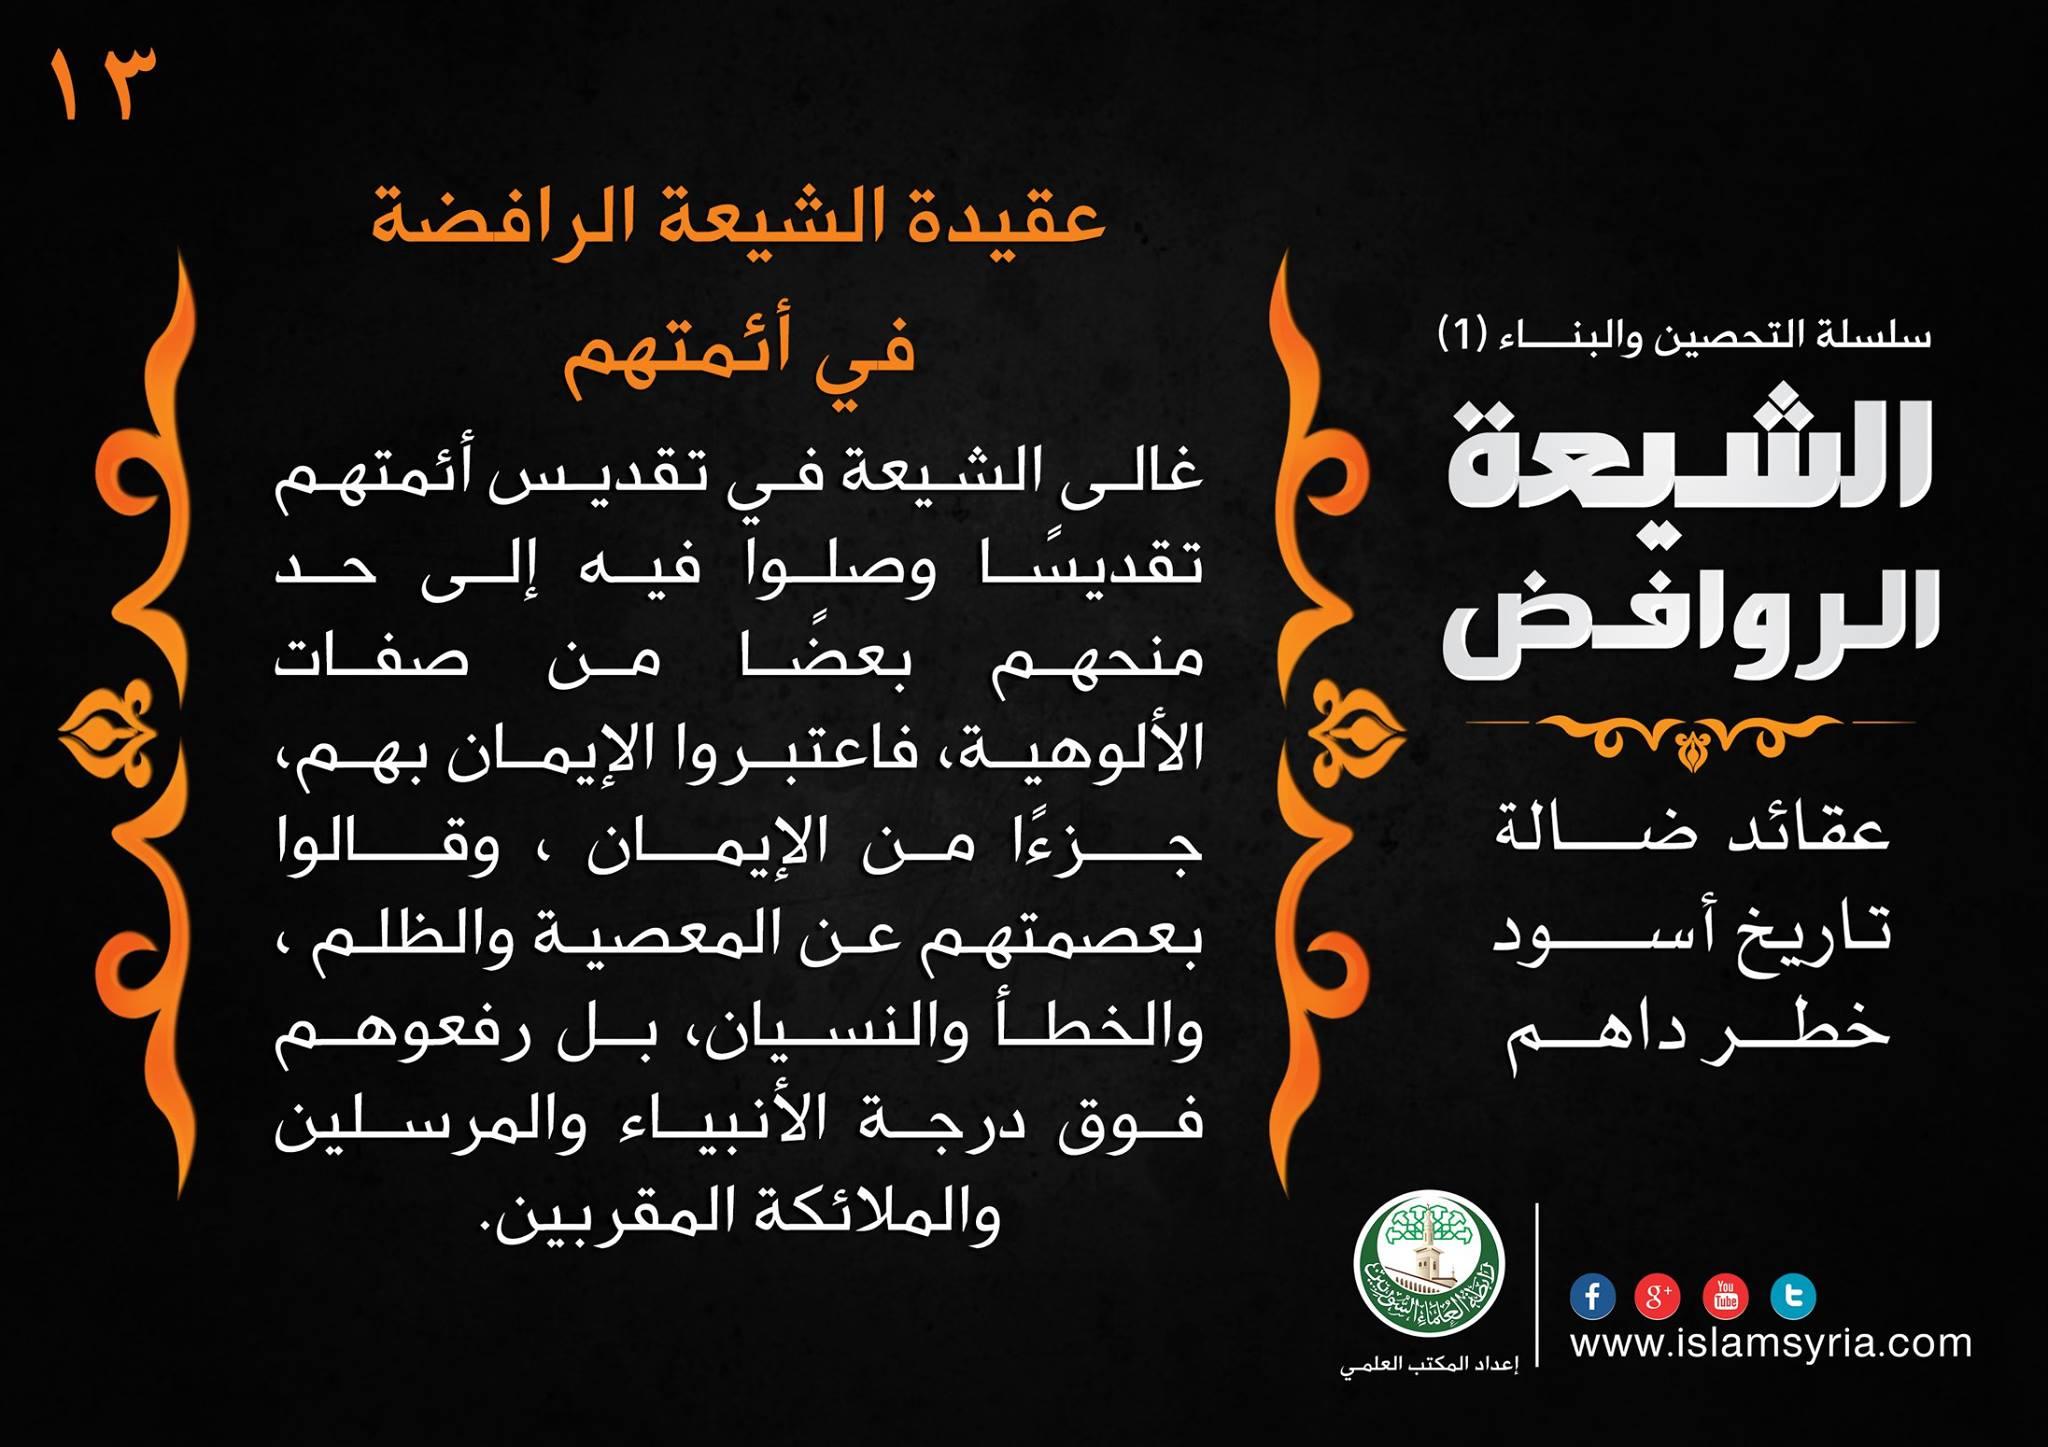 سلسلة التحصين والبناء -13- الشيعة الروافض